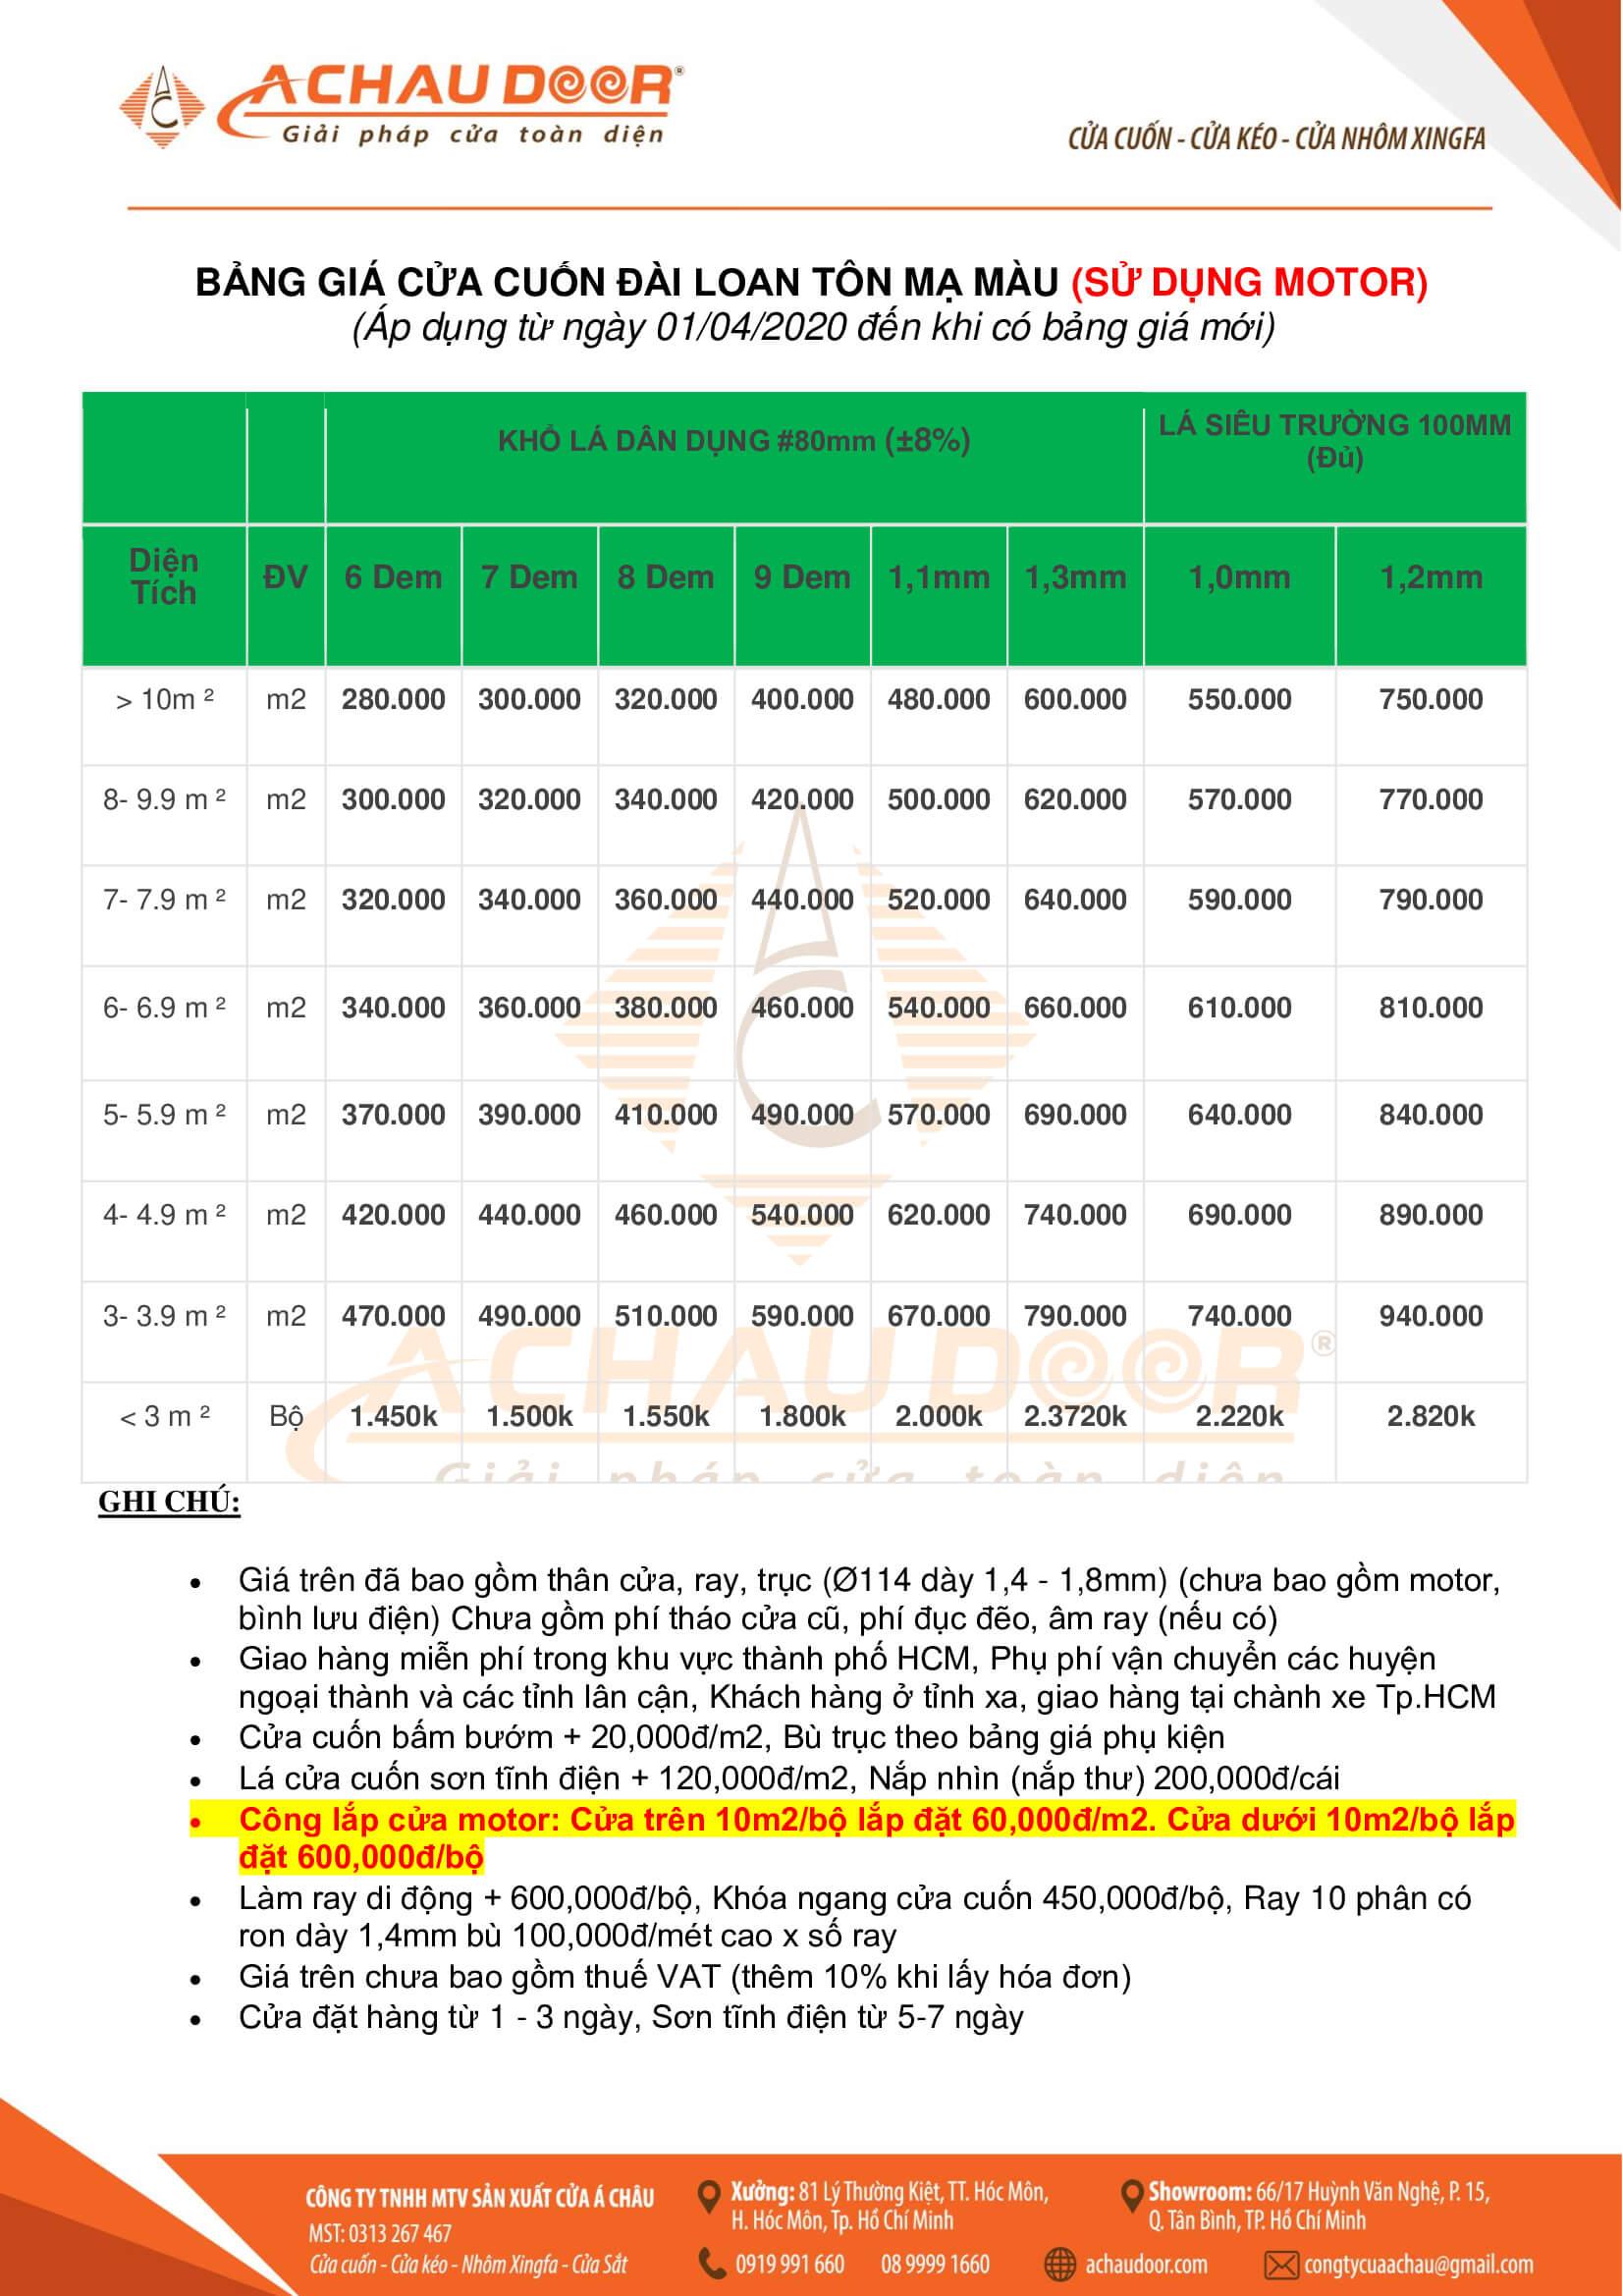 bảng giá cửa cuốn đài loan dùng motor